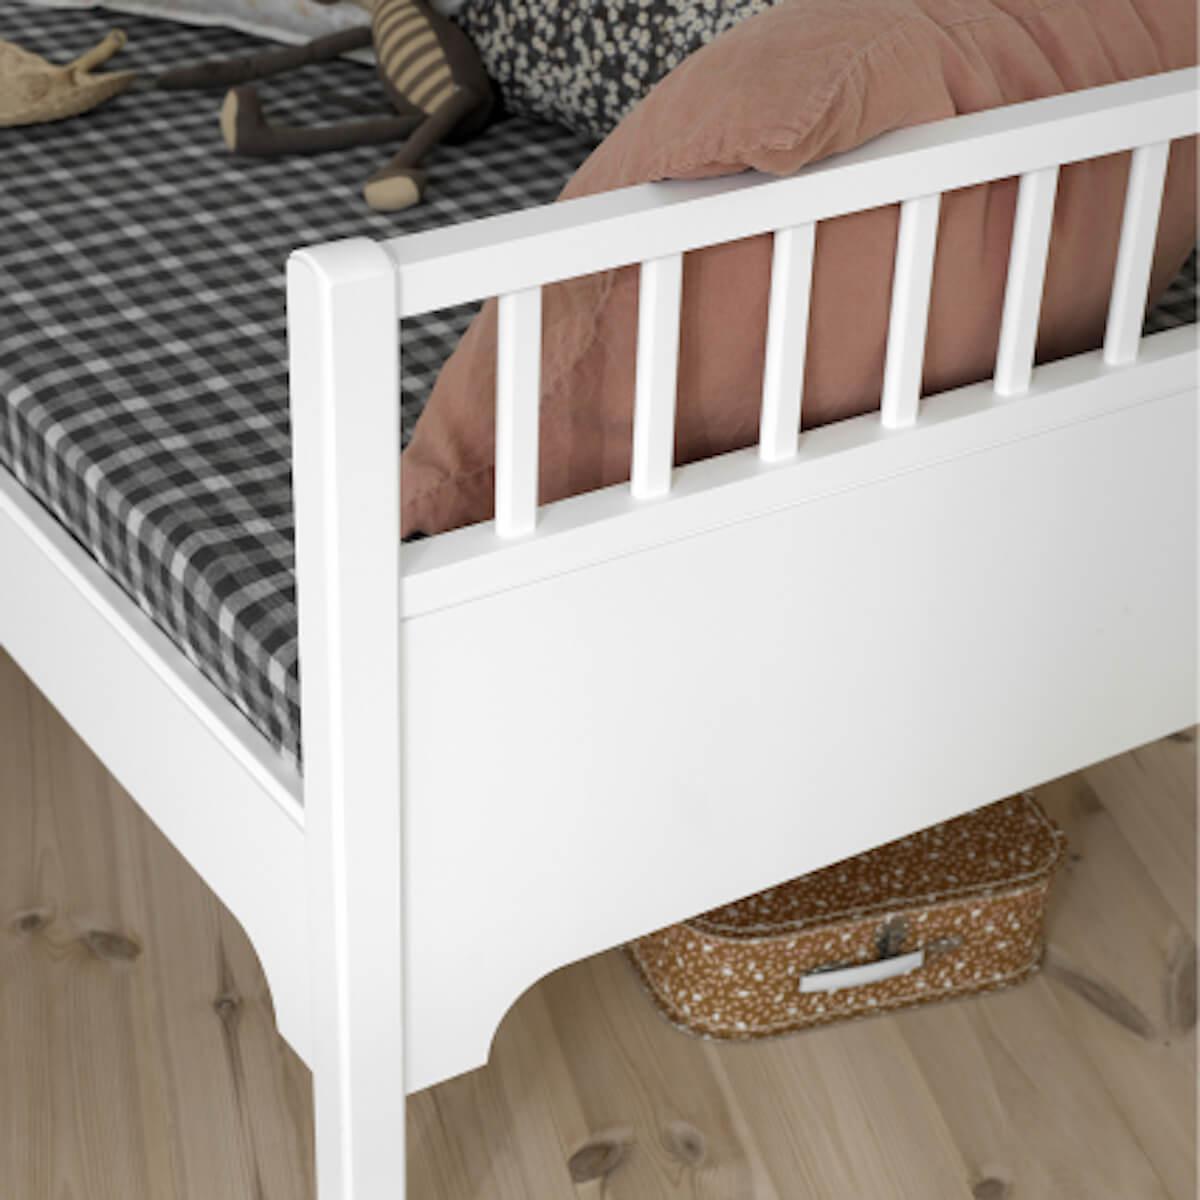 Lit banquette junior 90x160cm SEASIDE Oliver Furniture blanc